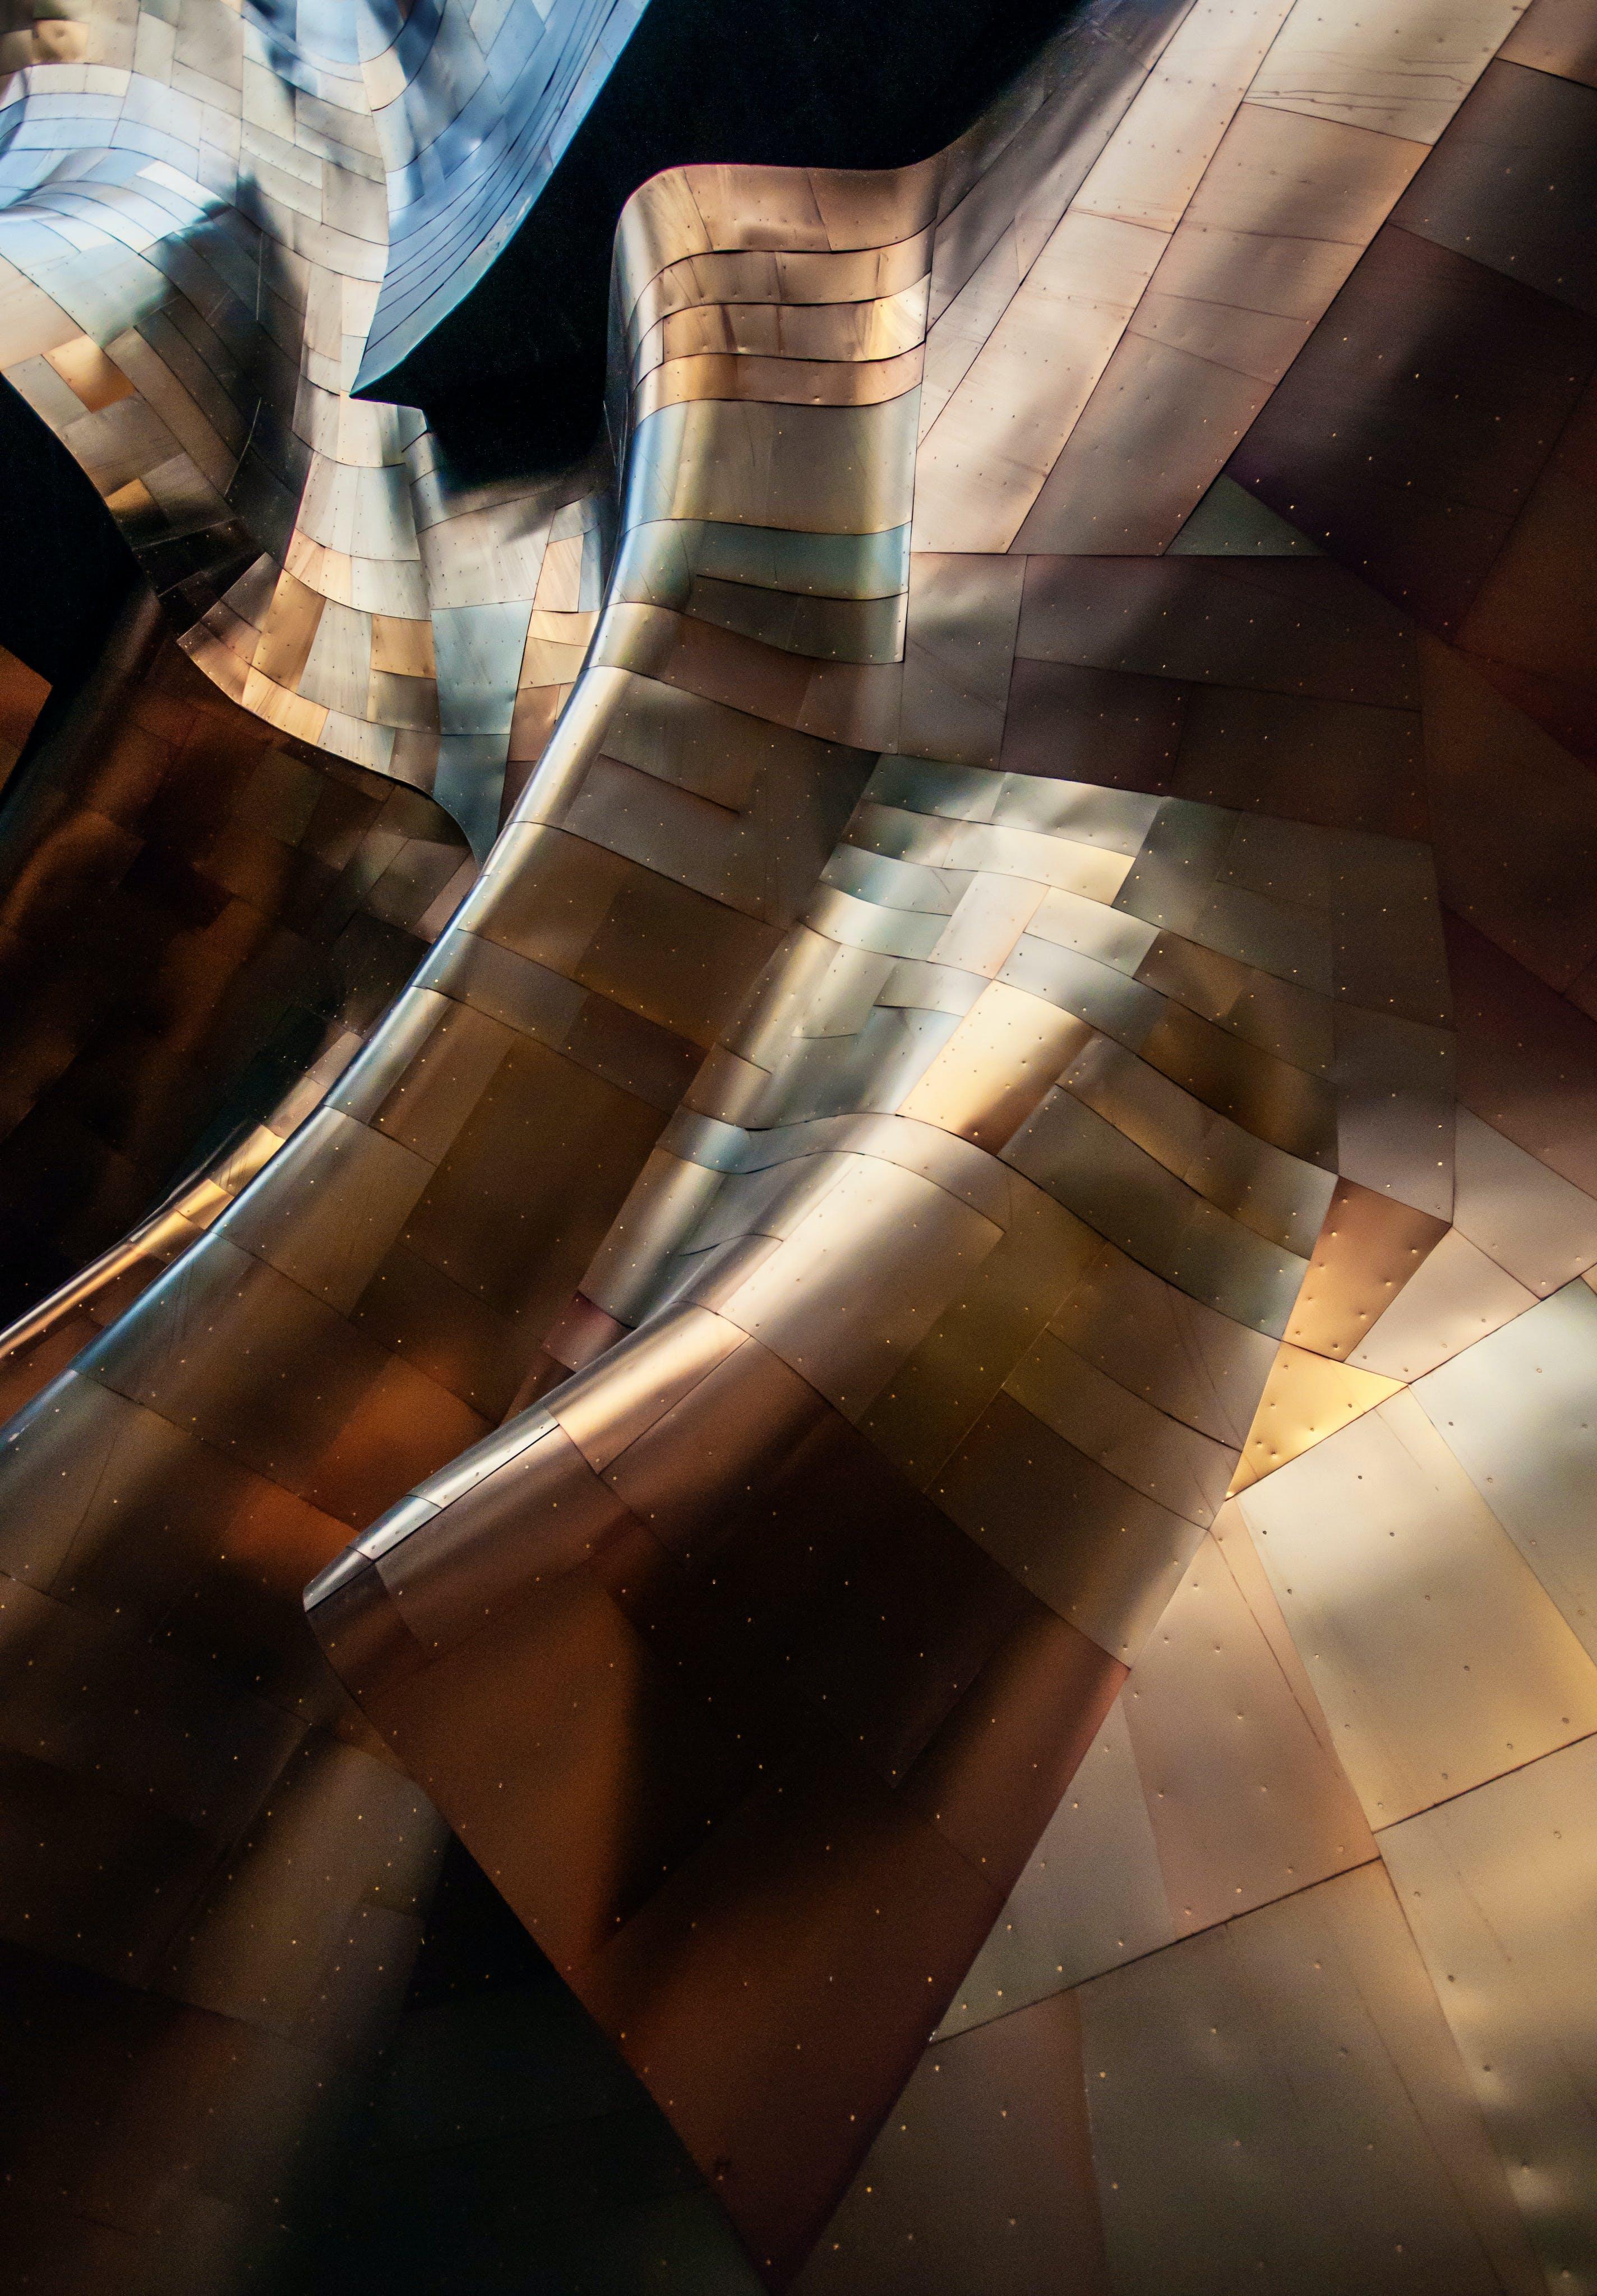 Základová fotografie zdarma na téma abstraktní foto, architektonický, architektonický návrh, architektura